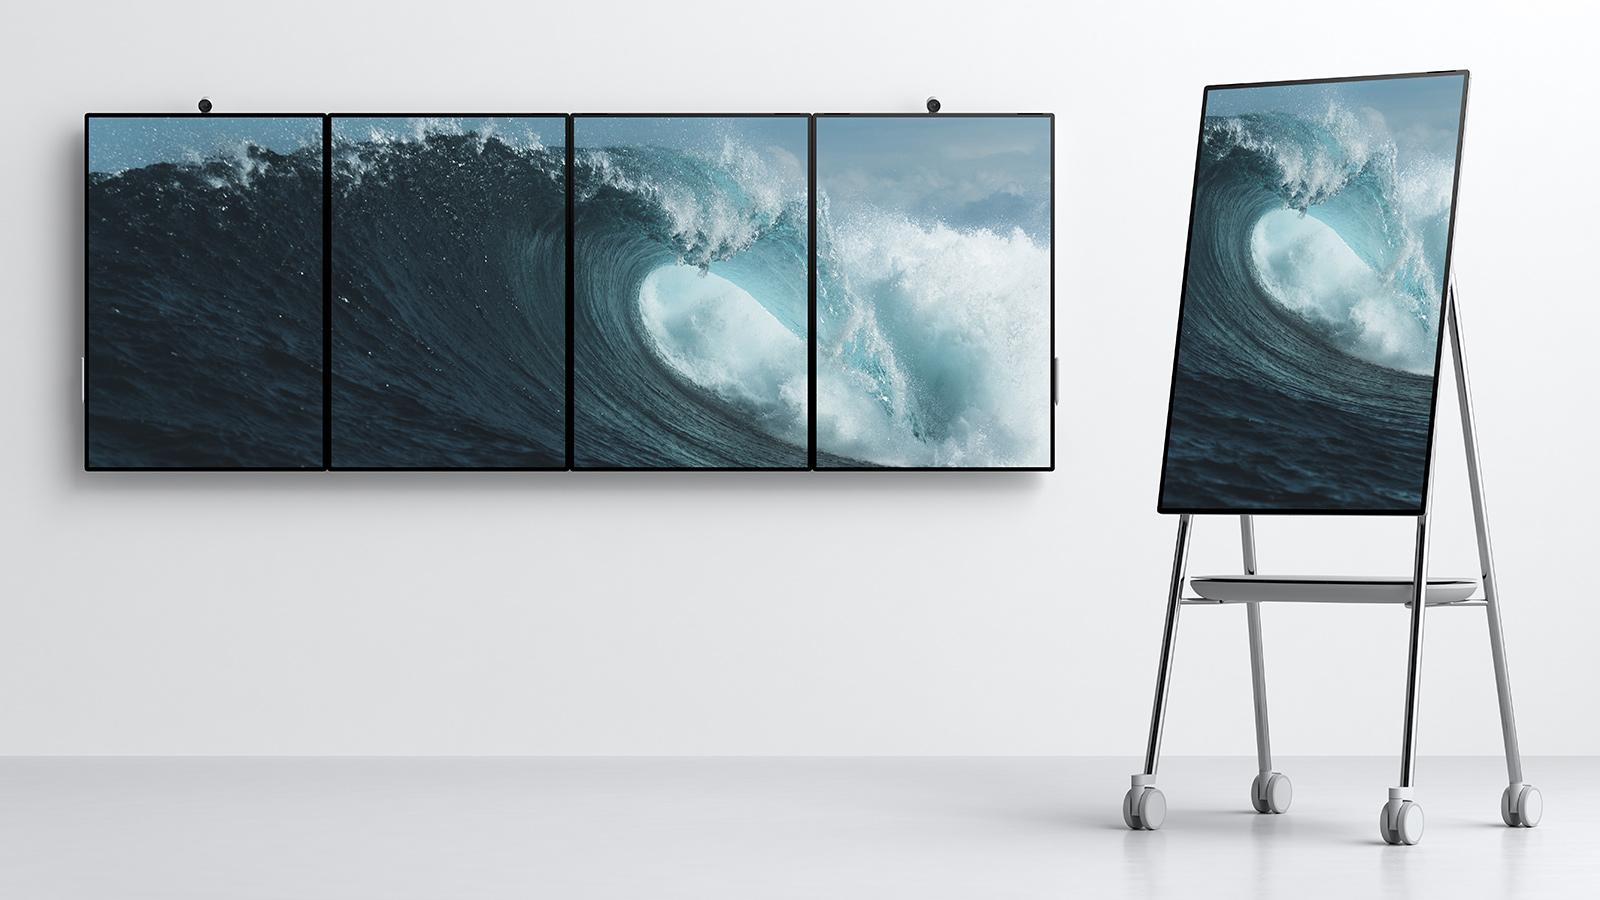 Quatro Surface Hub 2 agrupados numa parede na orientação vertical e um Surface Hub 2 rodado para a orientação vertical num suporte concebido pela Steelcase